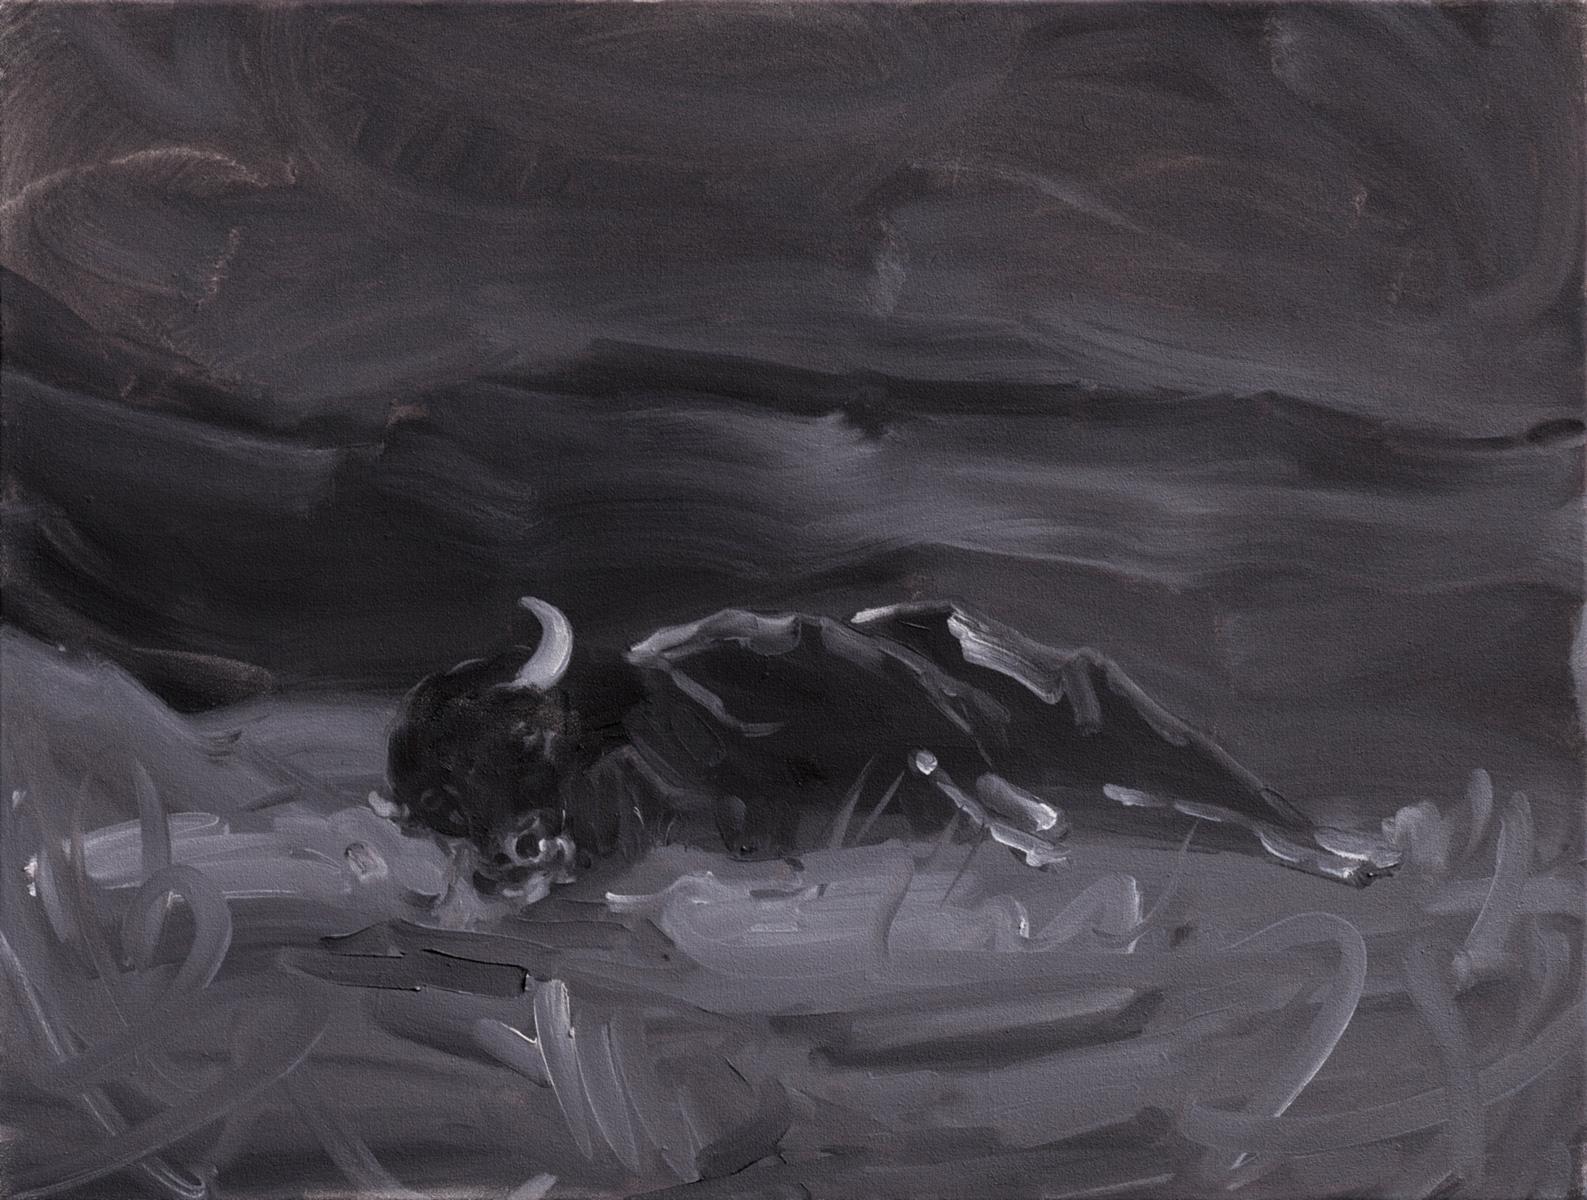 Dead Buffalo (Dreaming)